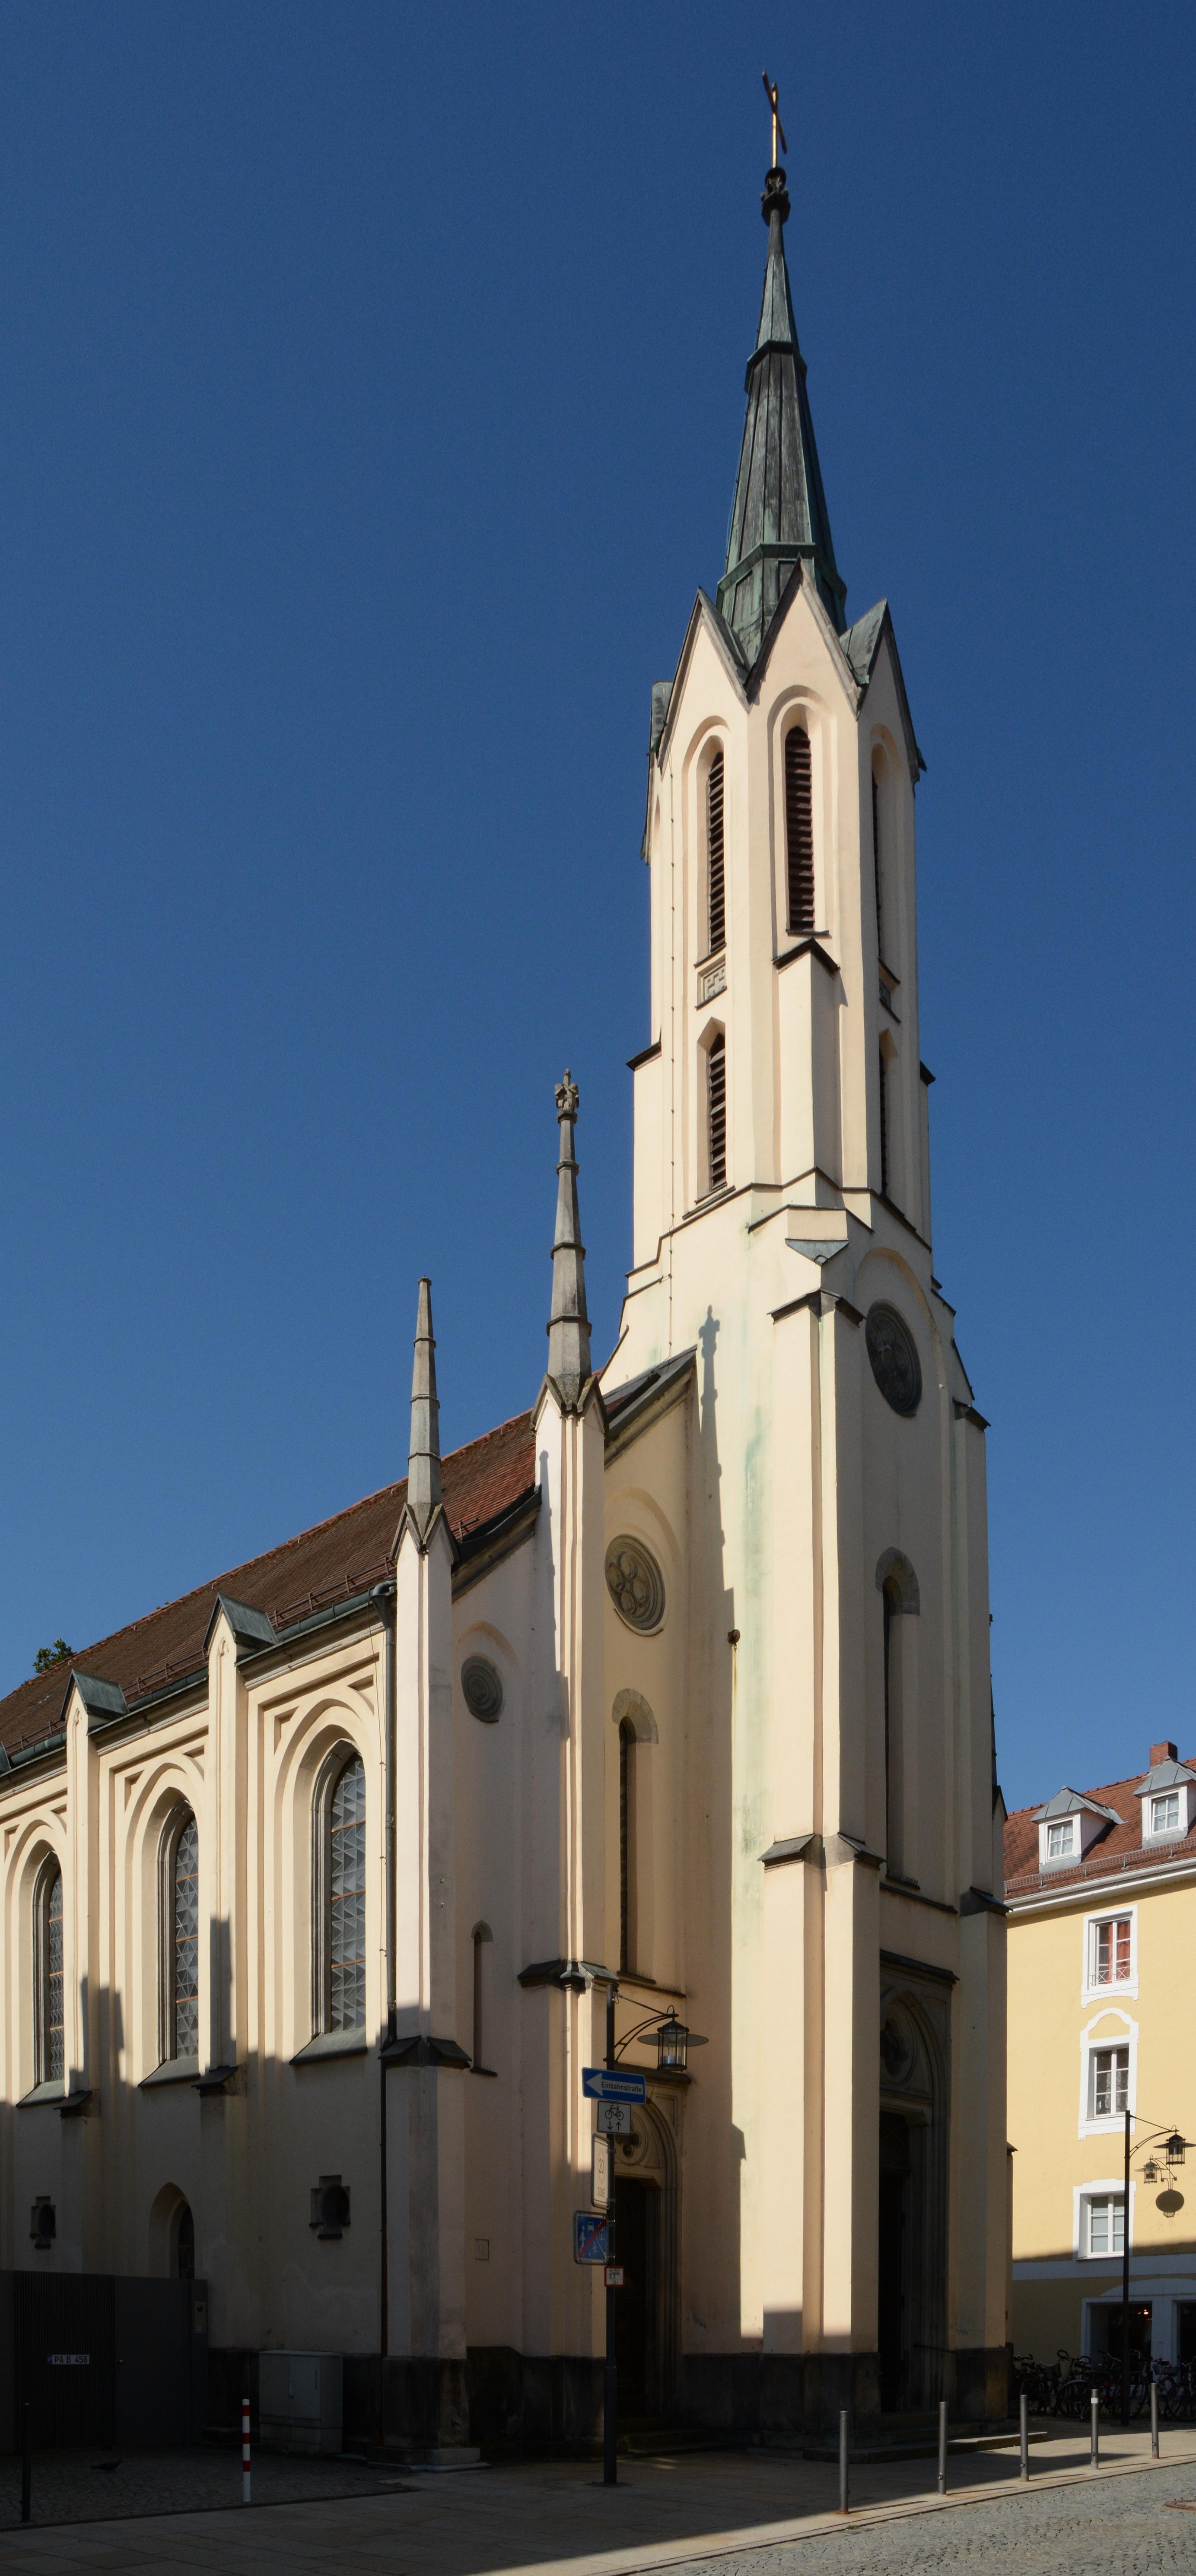 Dateievangelische Pfarrkirche St Matthäus Passau Cjpg Wikipedia